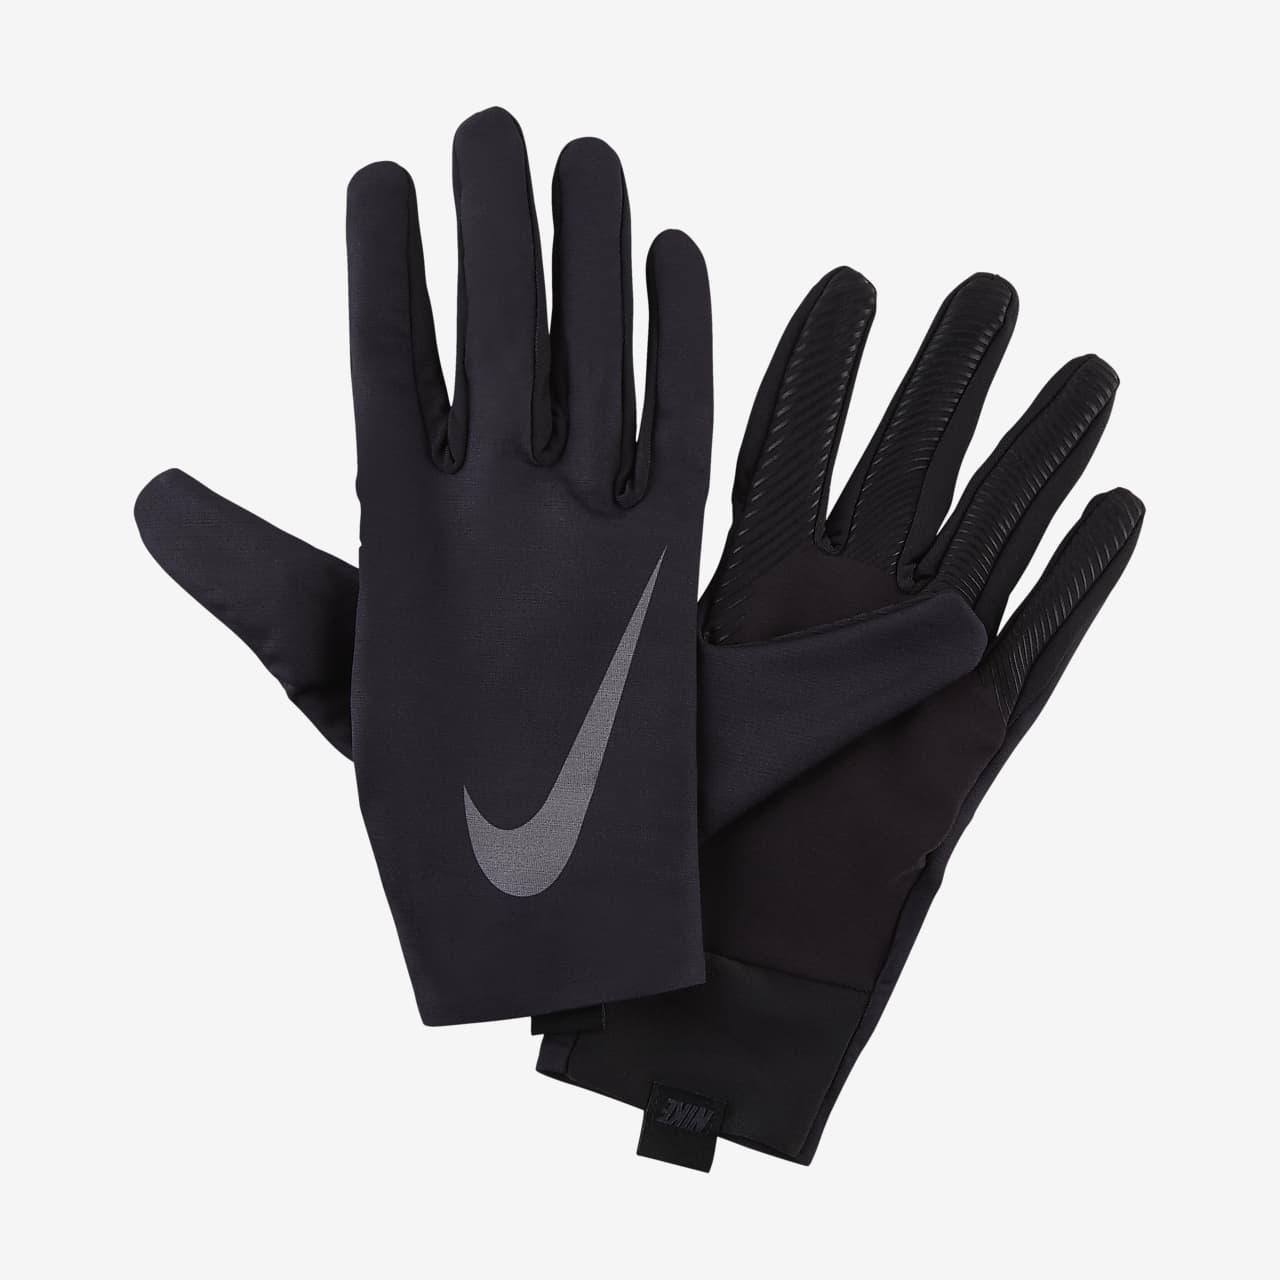 Guantes de entrenamiento para hombre Nike Pro Warm Liner